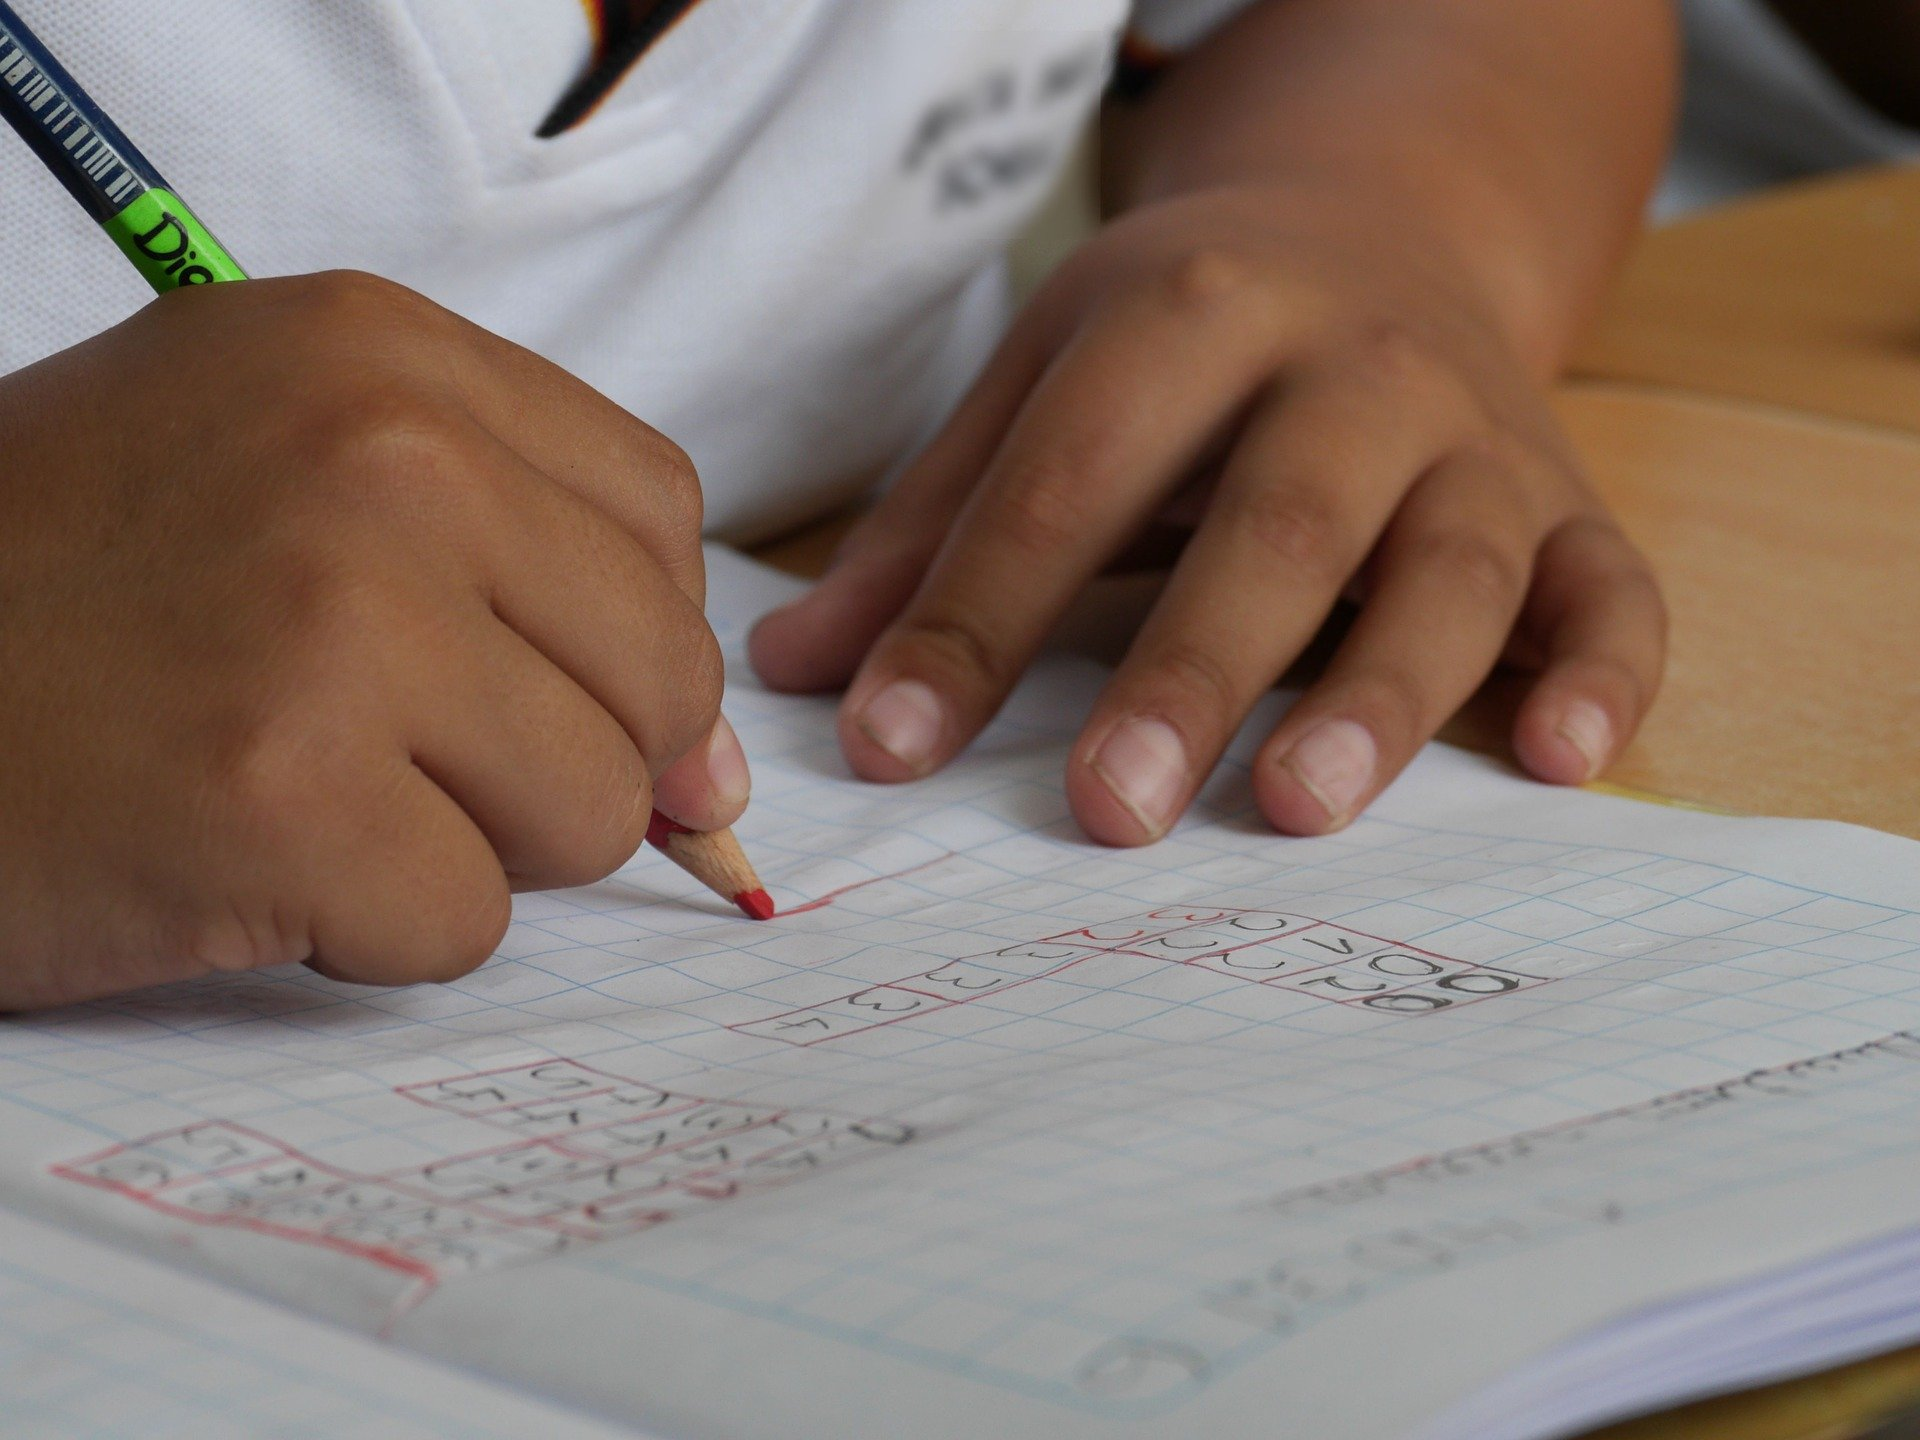 Bambino Che Scrive Su Un Quaderno